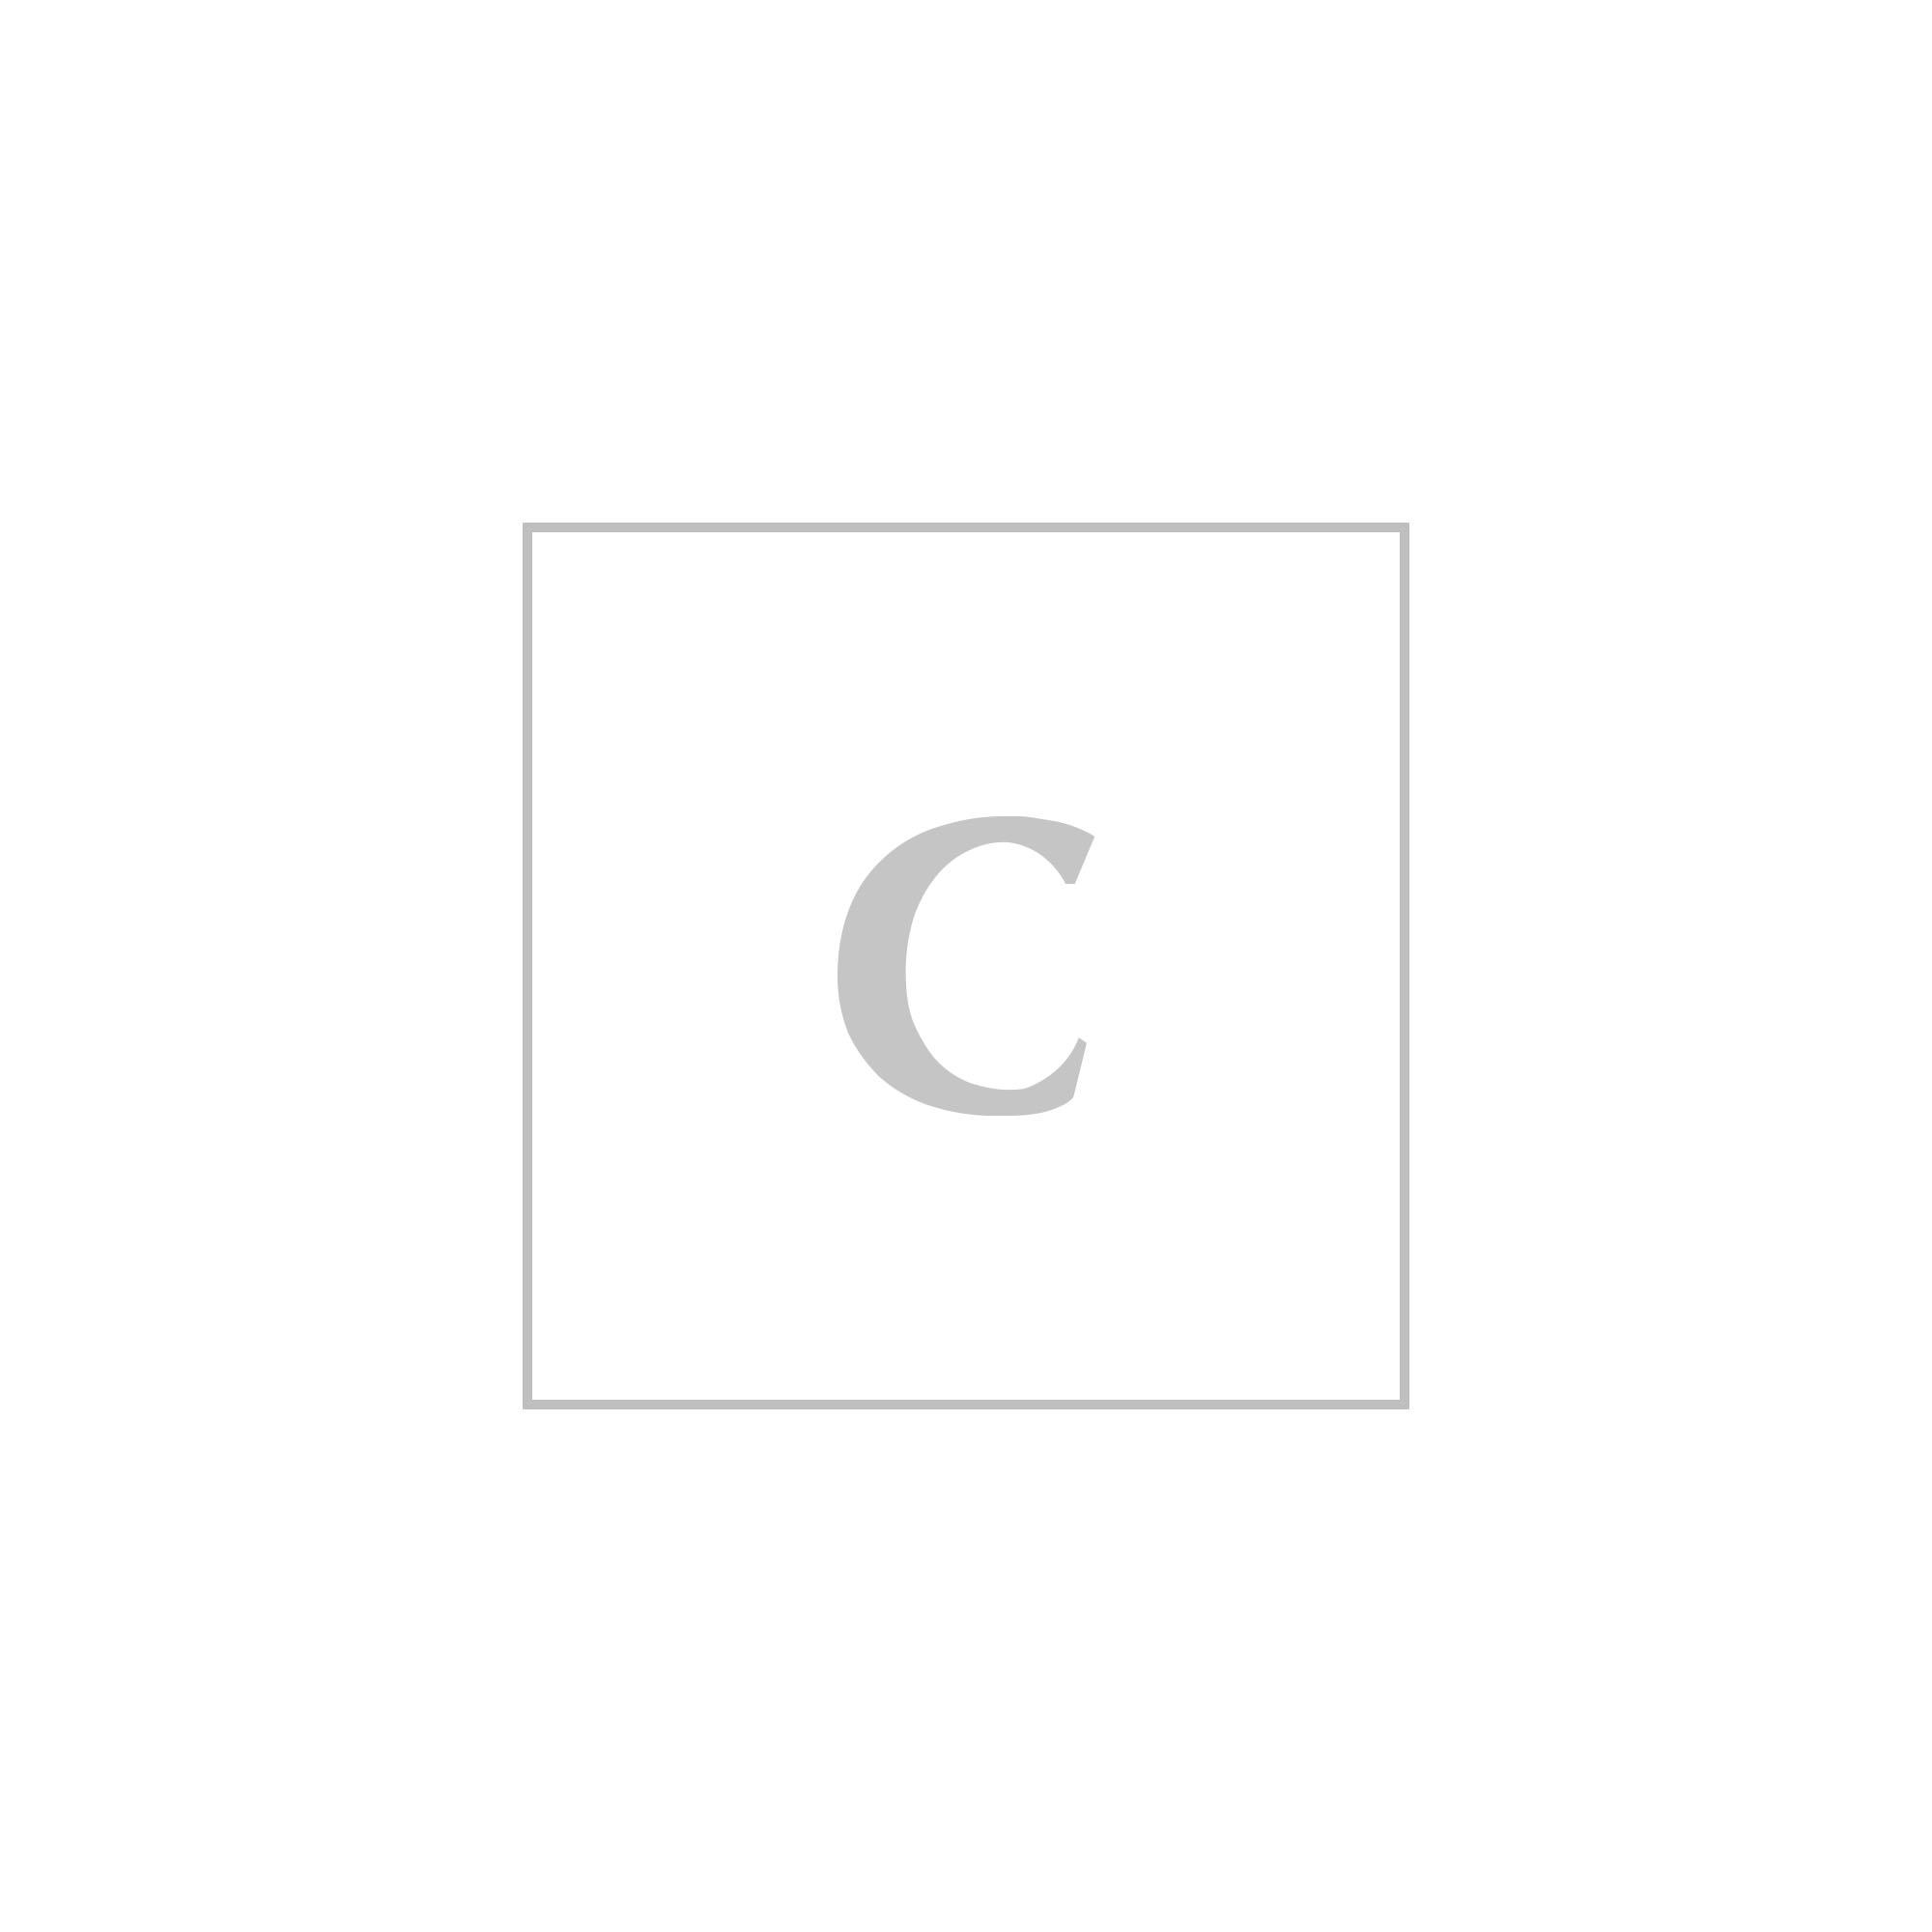 burberry borse uomo zaino stampa monogram ranger medium